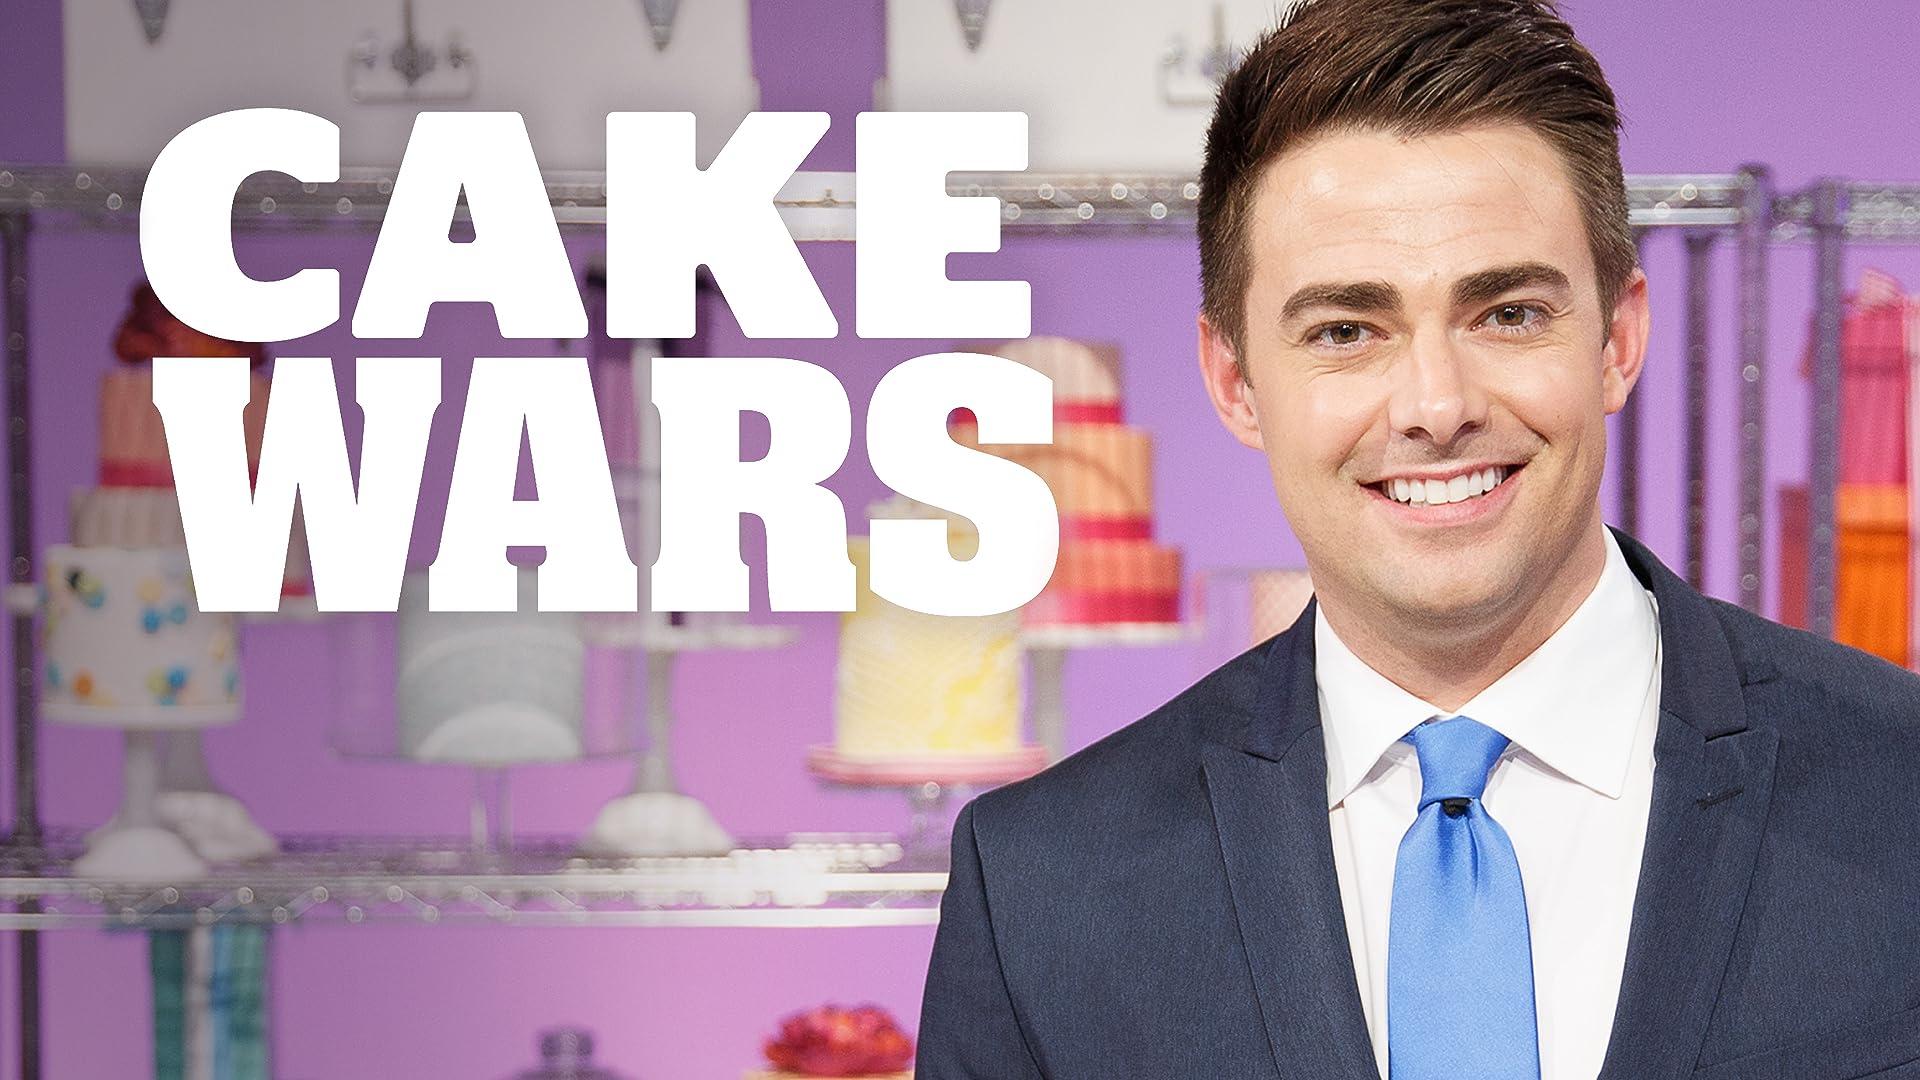 Cake Wars - Season 1